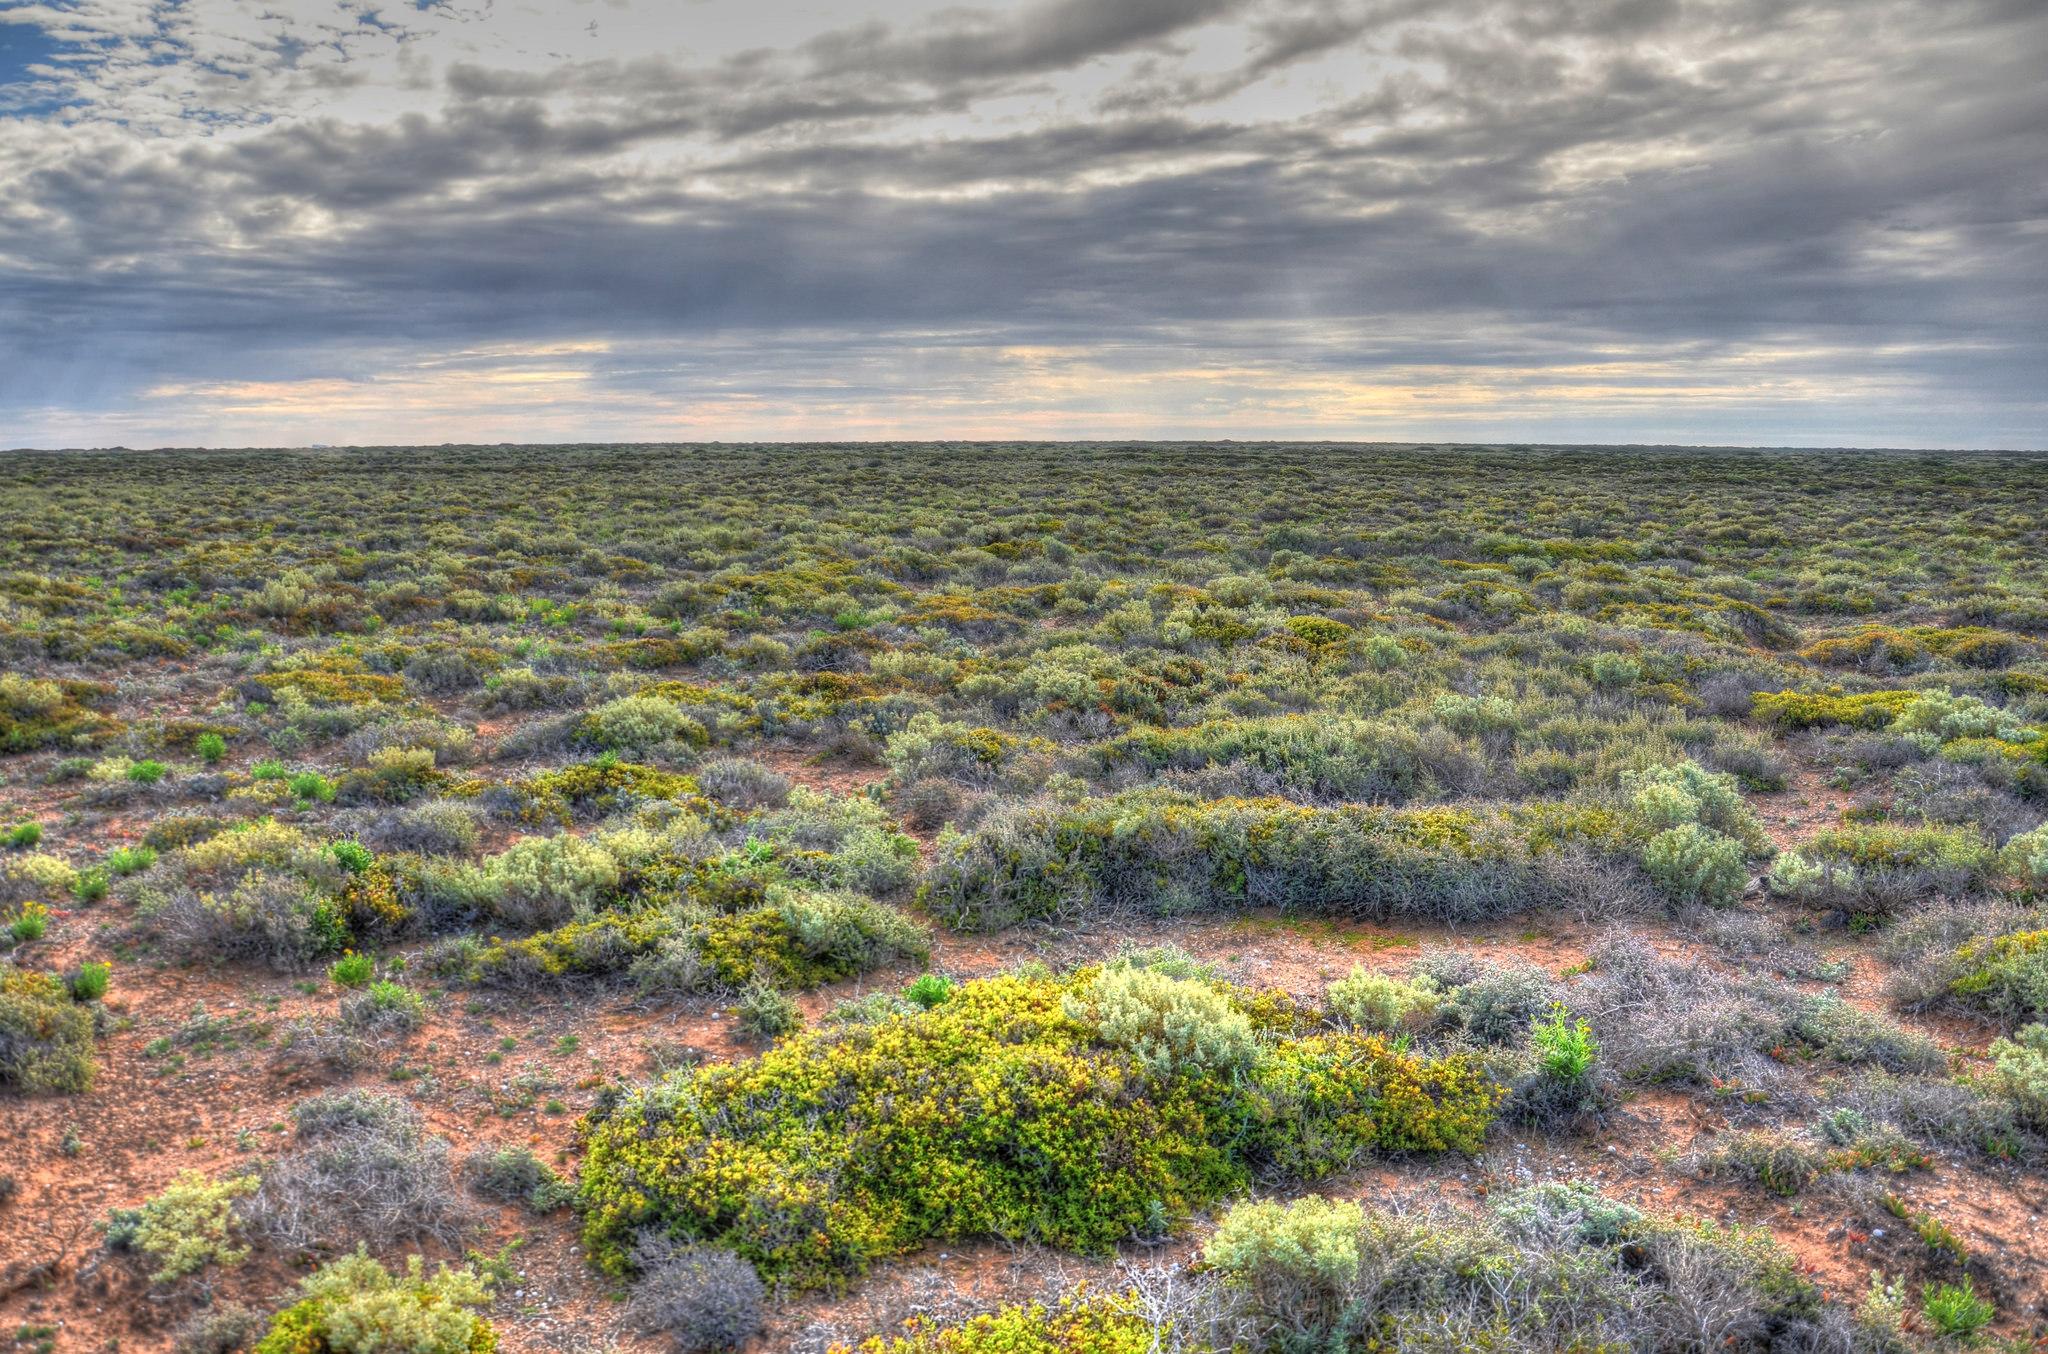 bromus dam rest area nullarbor plain